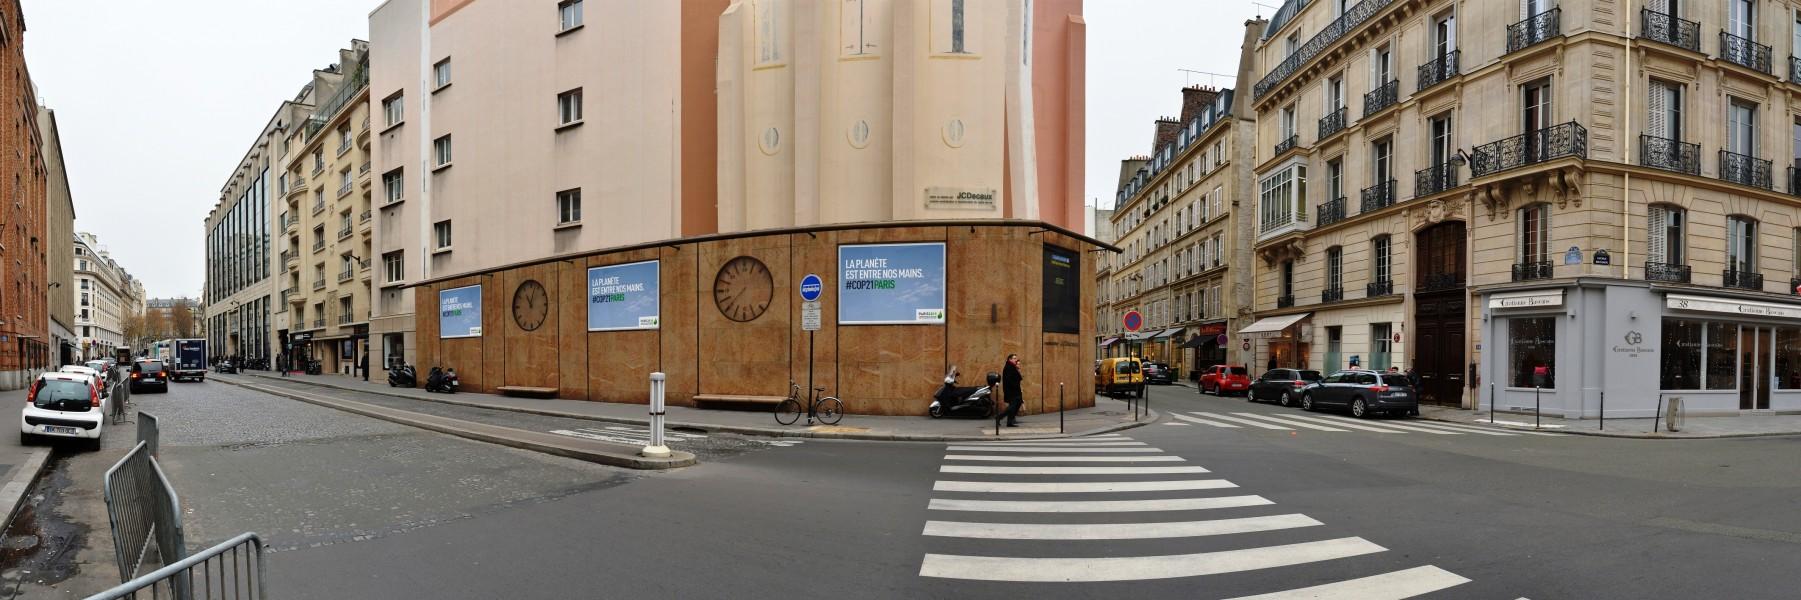 Mur avenue Delcassé. Source : JC DECAUX ©